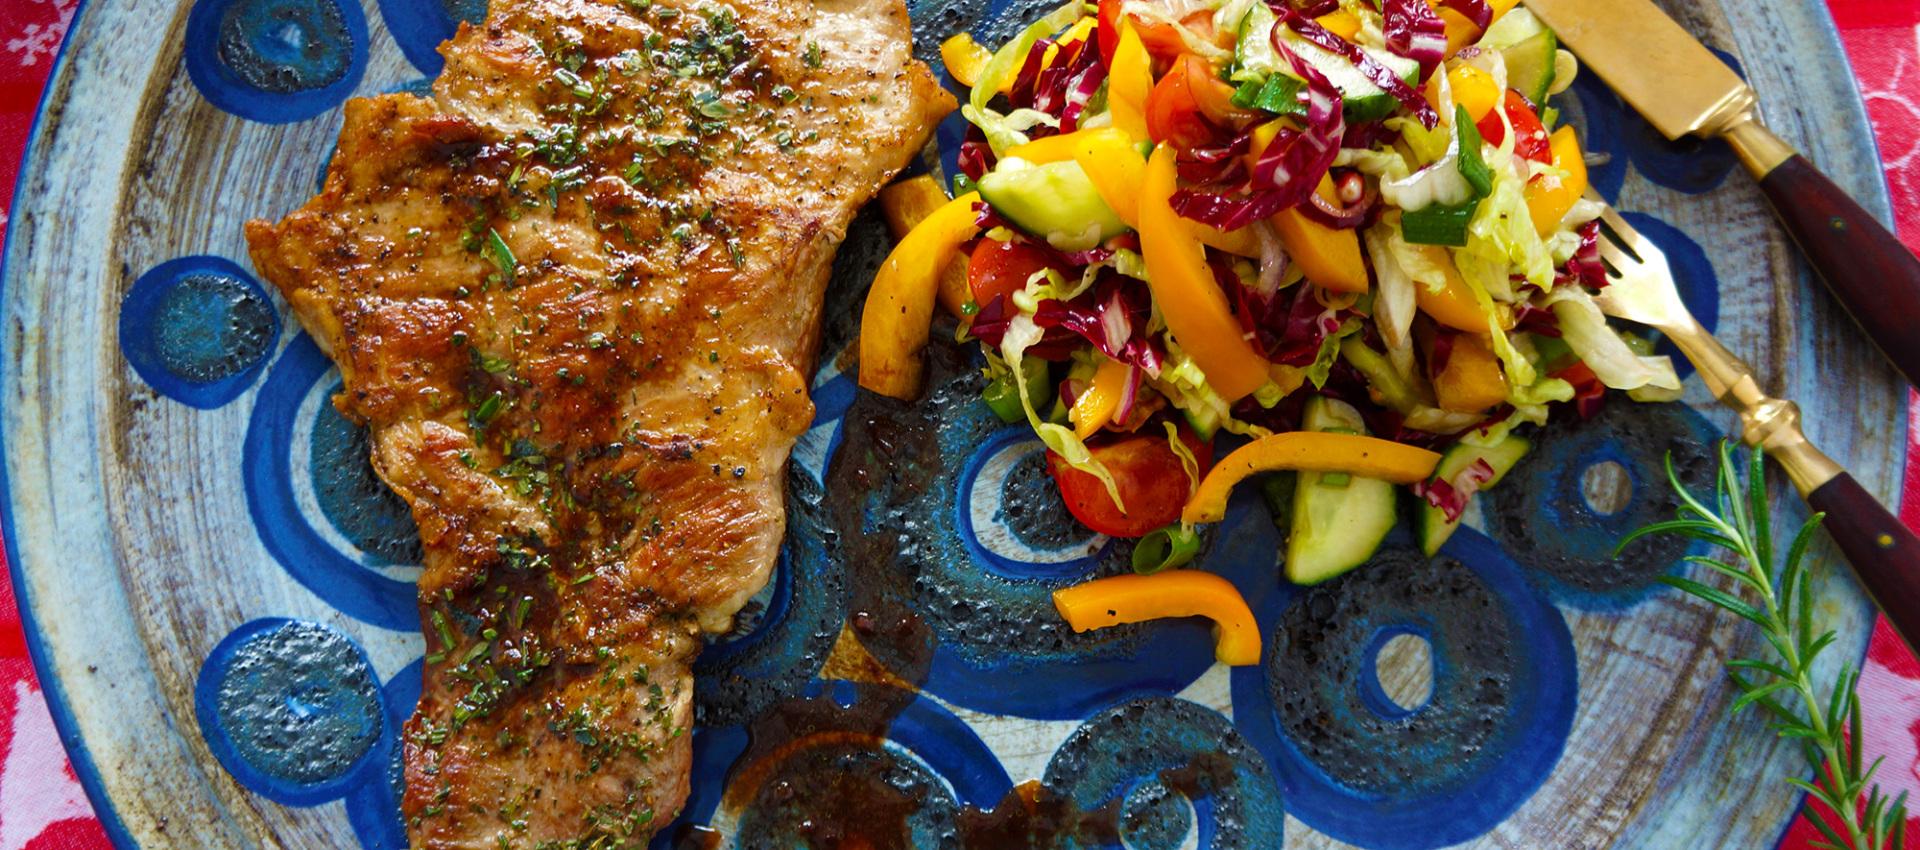 Rezept Filet vom Iberico Schwein an knackigem Granatapfel-Salat mit Portweinsauce - Kochbock.de